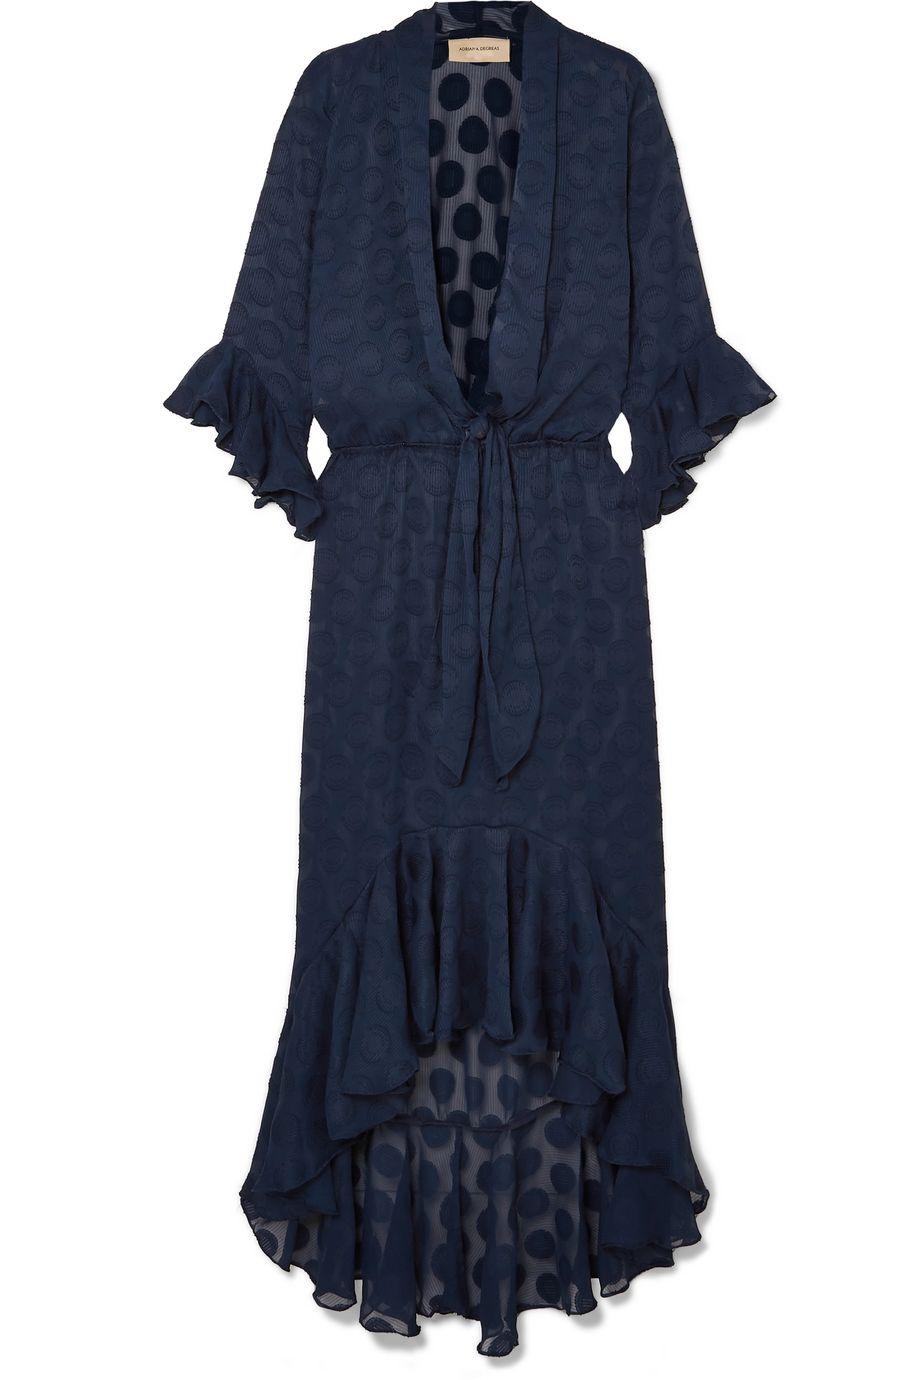 Adriana Degreas Marine ruffled polka-dot georgette maxi dress